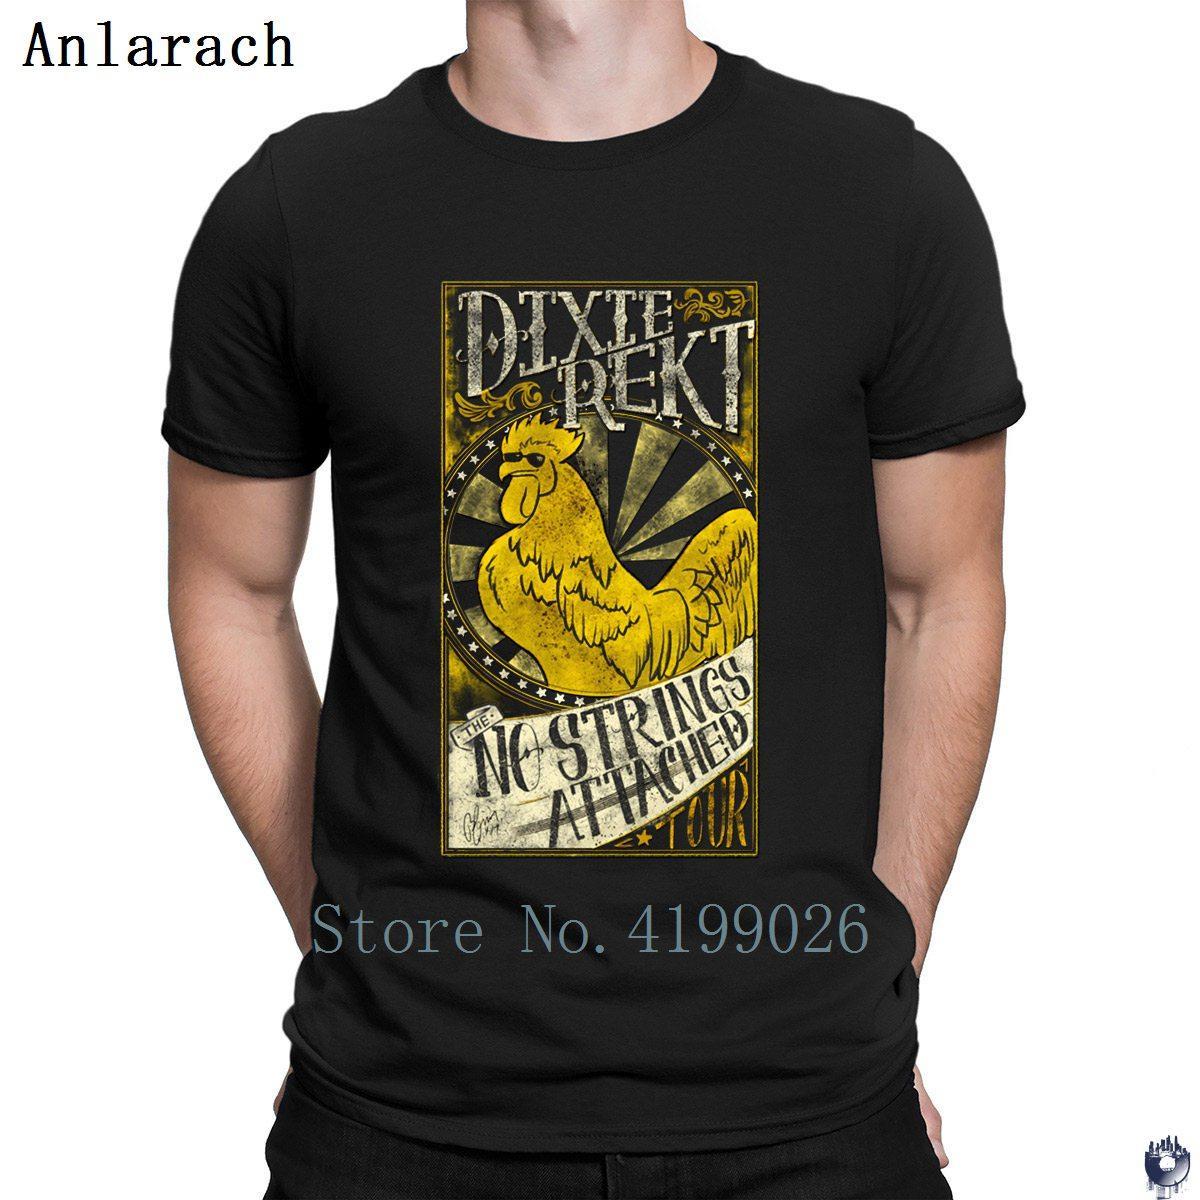 DIXIE REKT camisetas vestuario personal estilo estándar verano camiseta para los hombres más el tamaño 3XL gran camiseta tapas crear